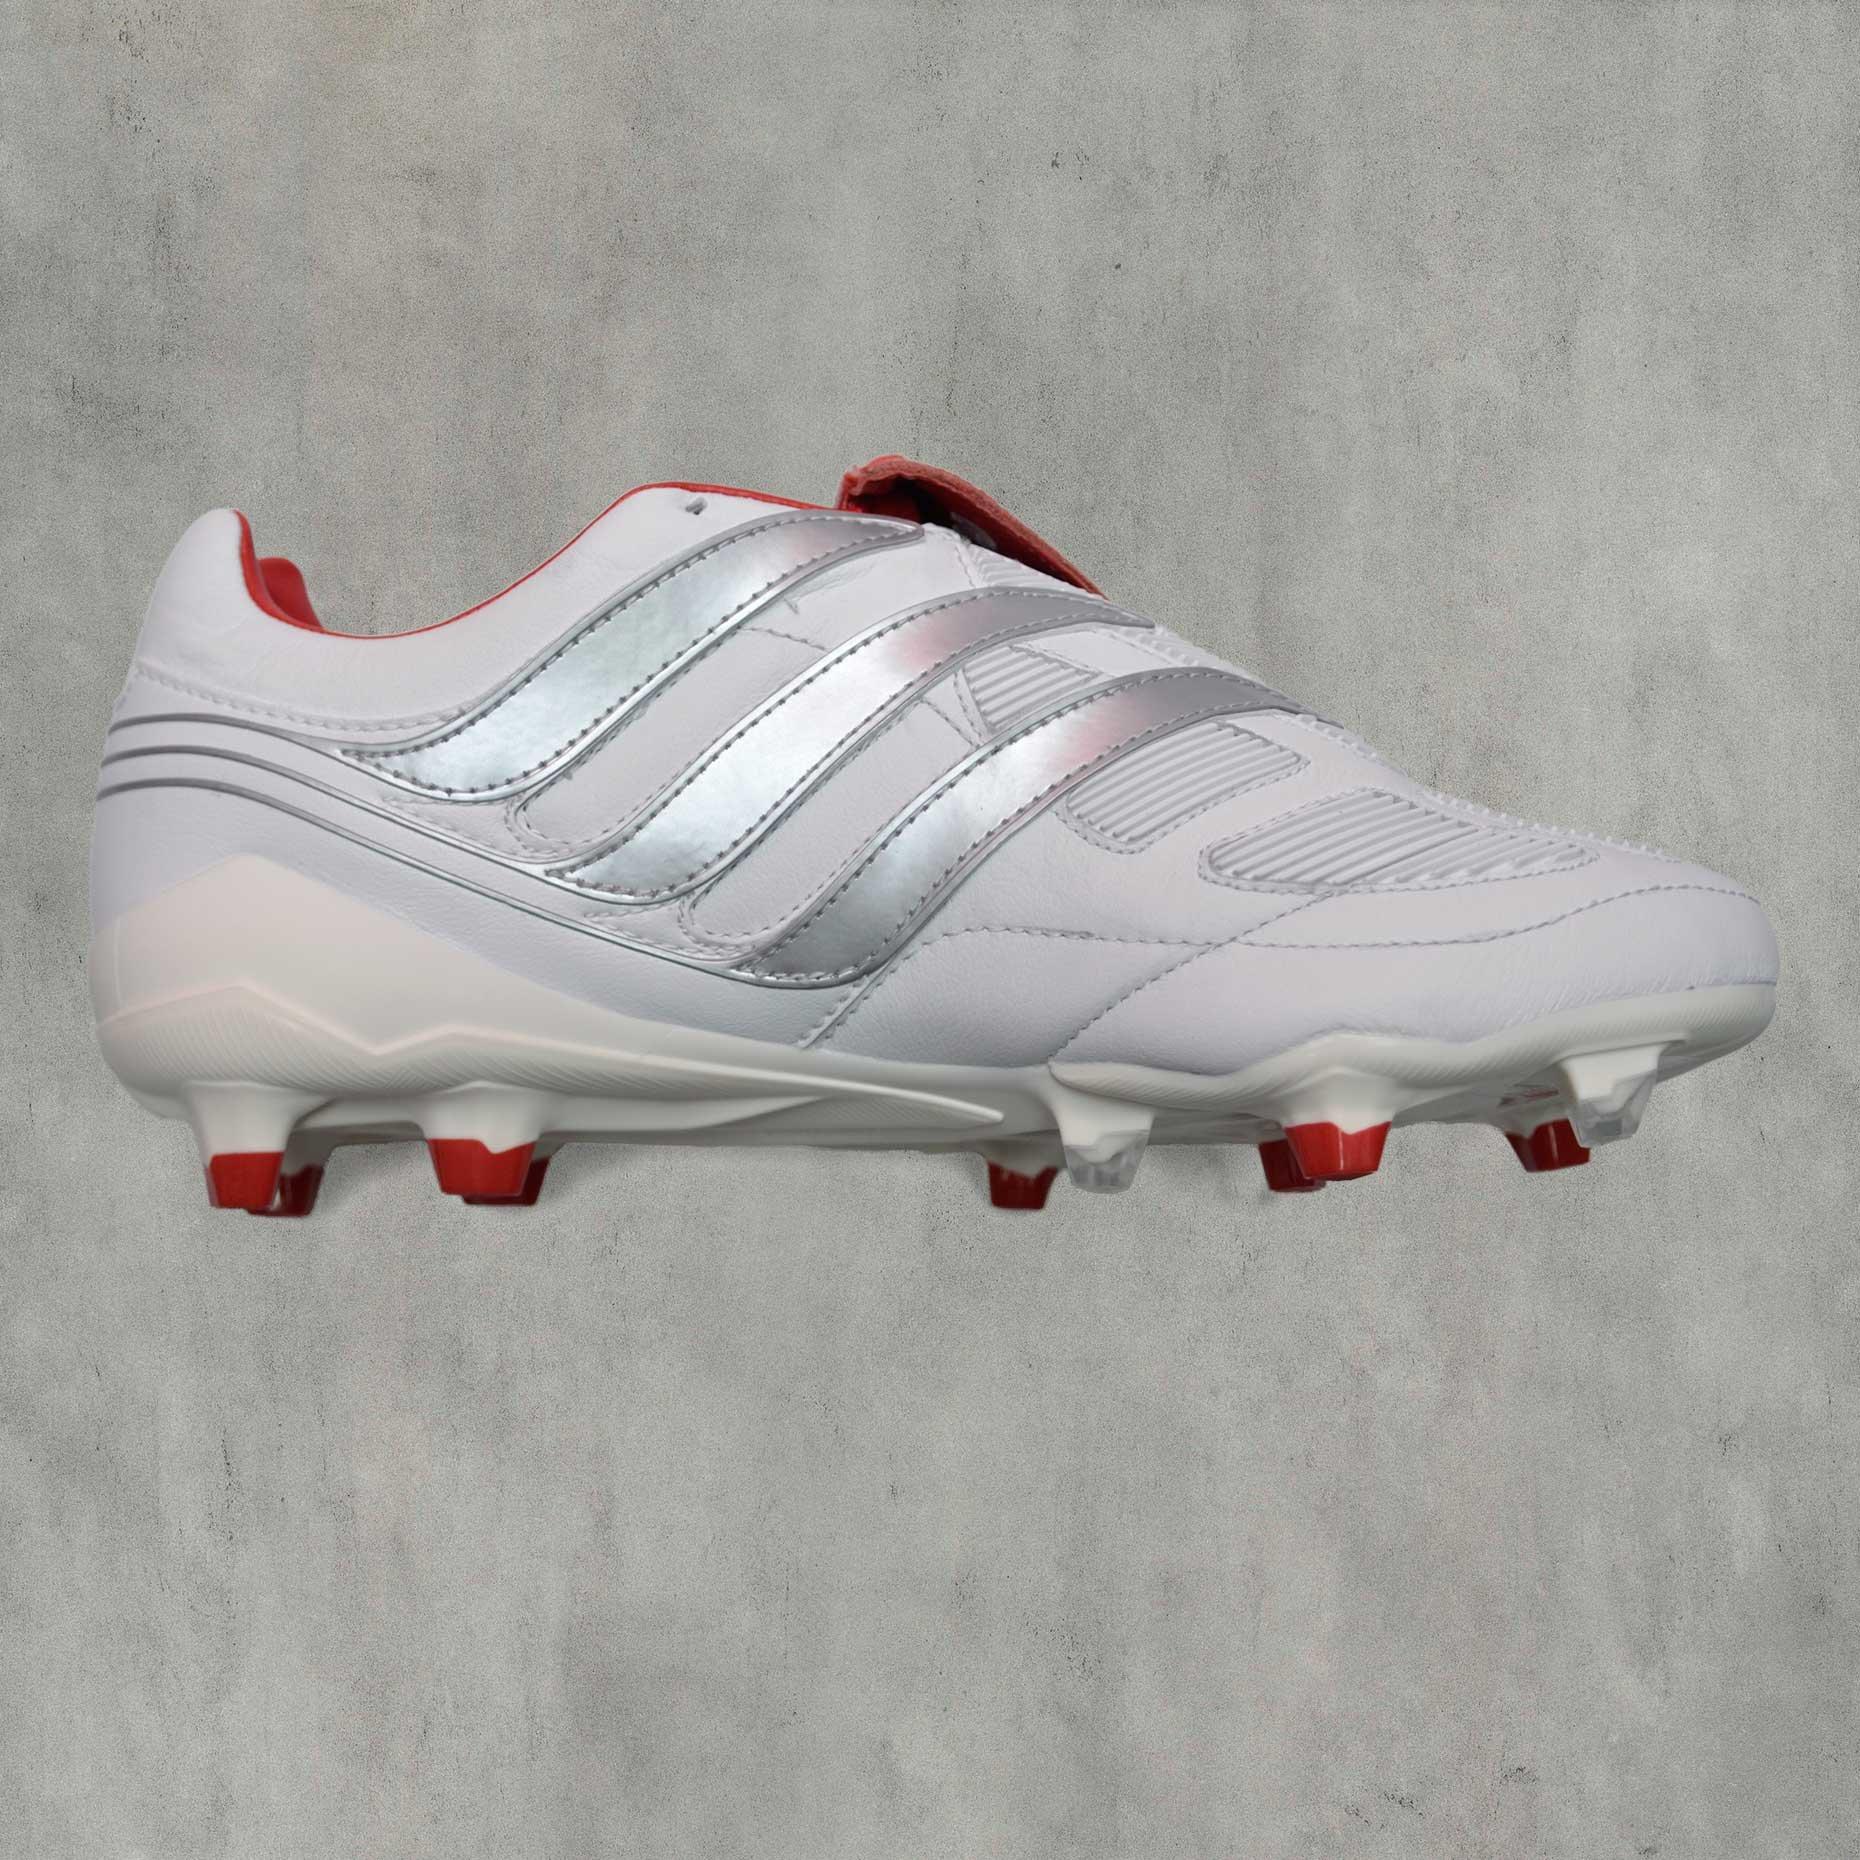 Бутсы Adidas PREDATOR Precision David Beckham FG купить в